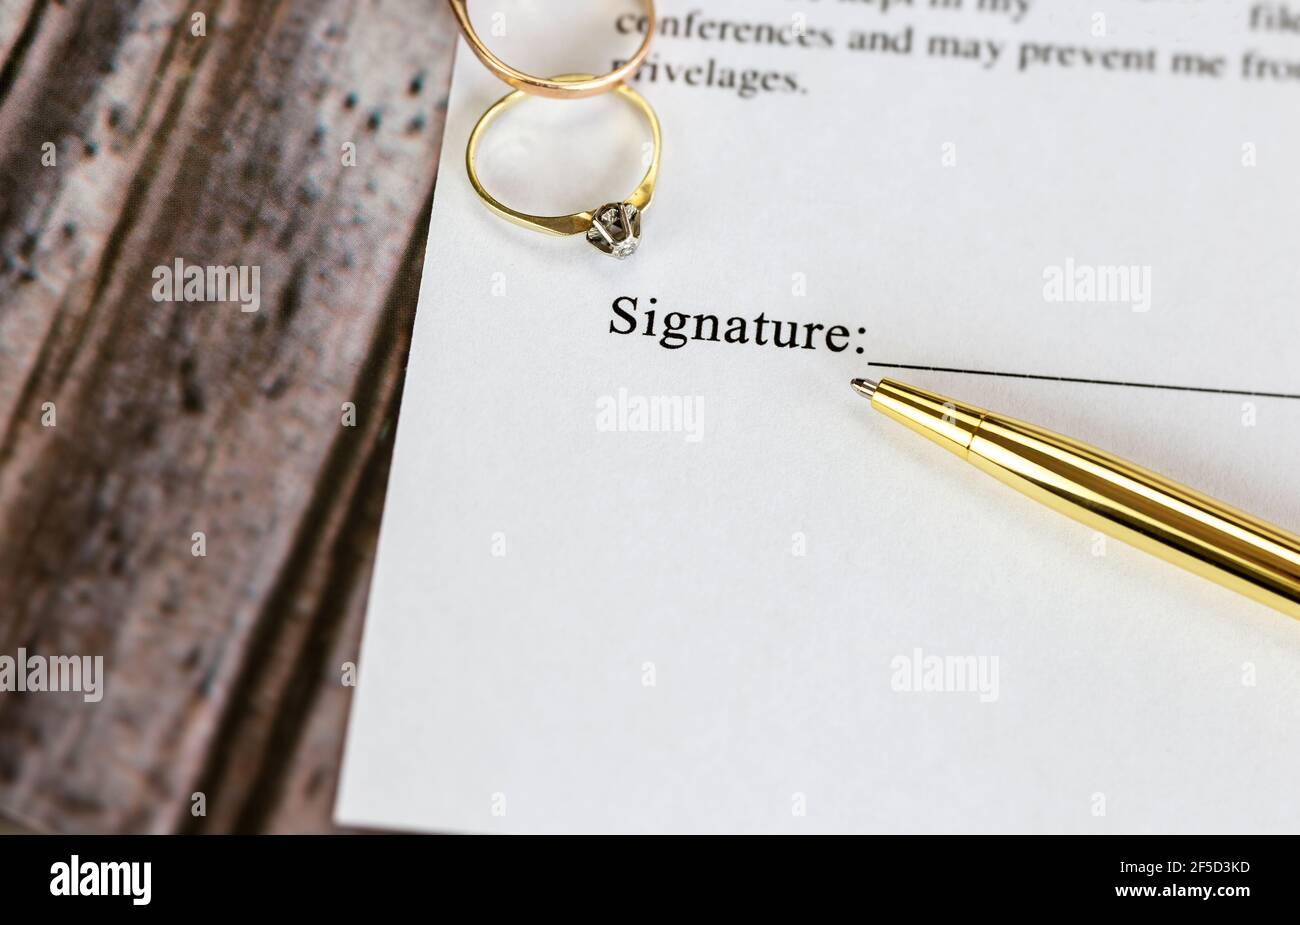 Heiratsvertrag mit zwei goldenen Eheringen und Goldstift, prenuptial Vereinbarung, Makro Nahaufnahme, unterzeichnen mit signanture, Dokument, Vereinbarung Konzept Stockfoto